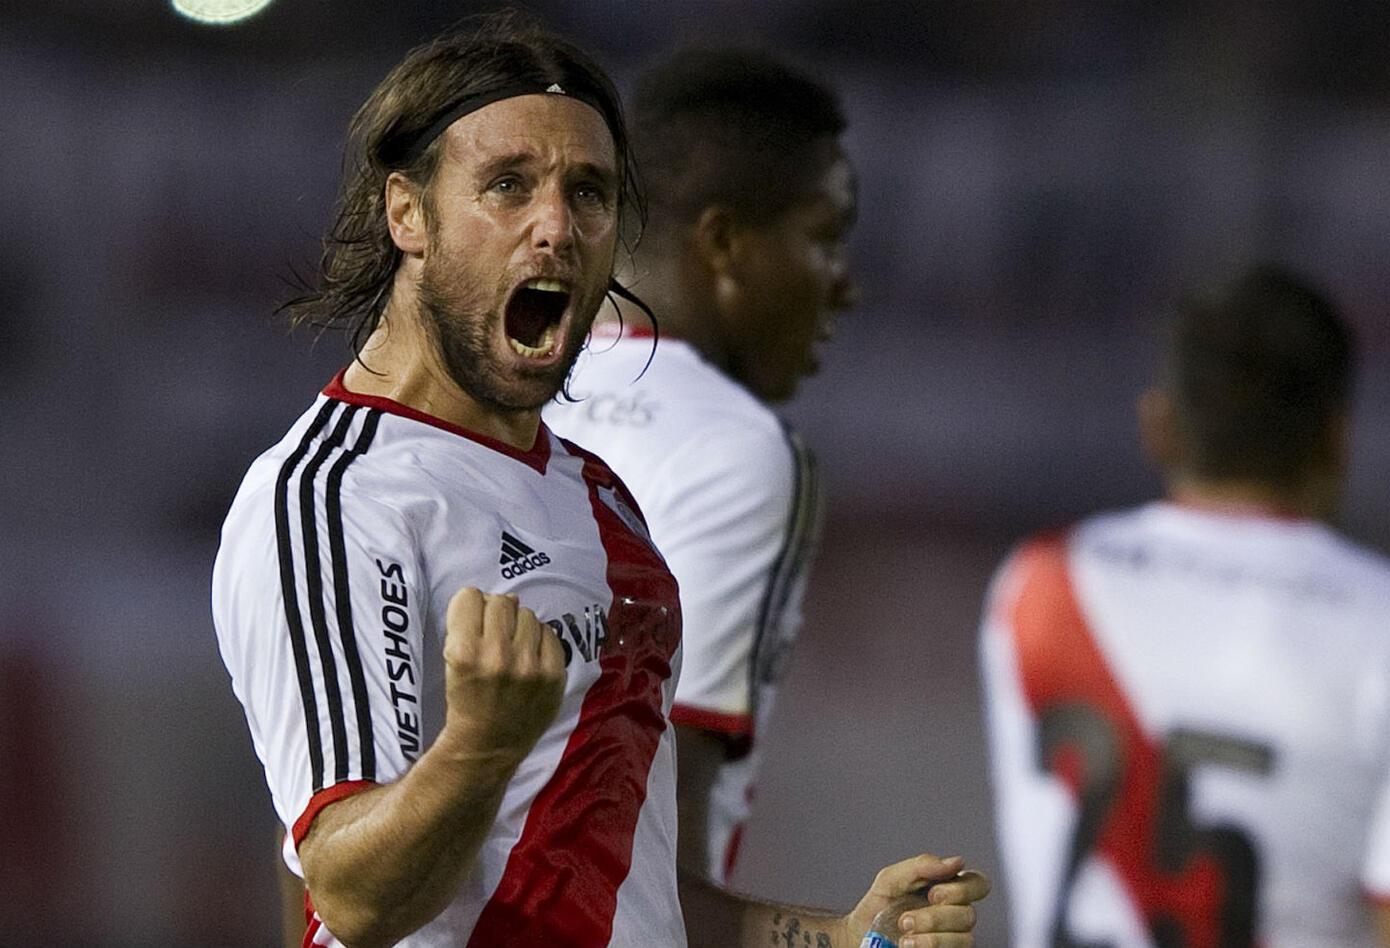 6. Fernando Cavenaghi. Debutó en 2001 y en su primera etapa en el club ganó tres títulos. Junto al Chori Domínguez y a Trezeguet ayudó a River a volver a primera división. Regresó en 2014 para nuevamente ser campeón. También alcanzó la Copa Libertadores.